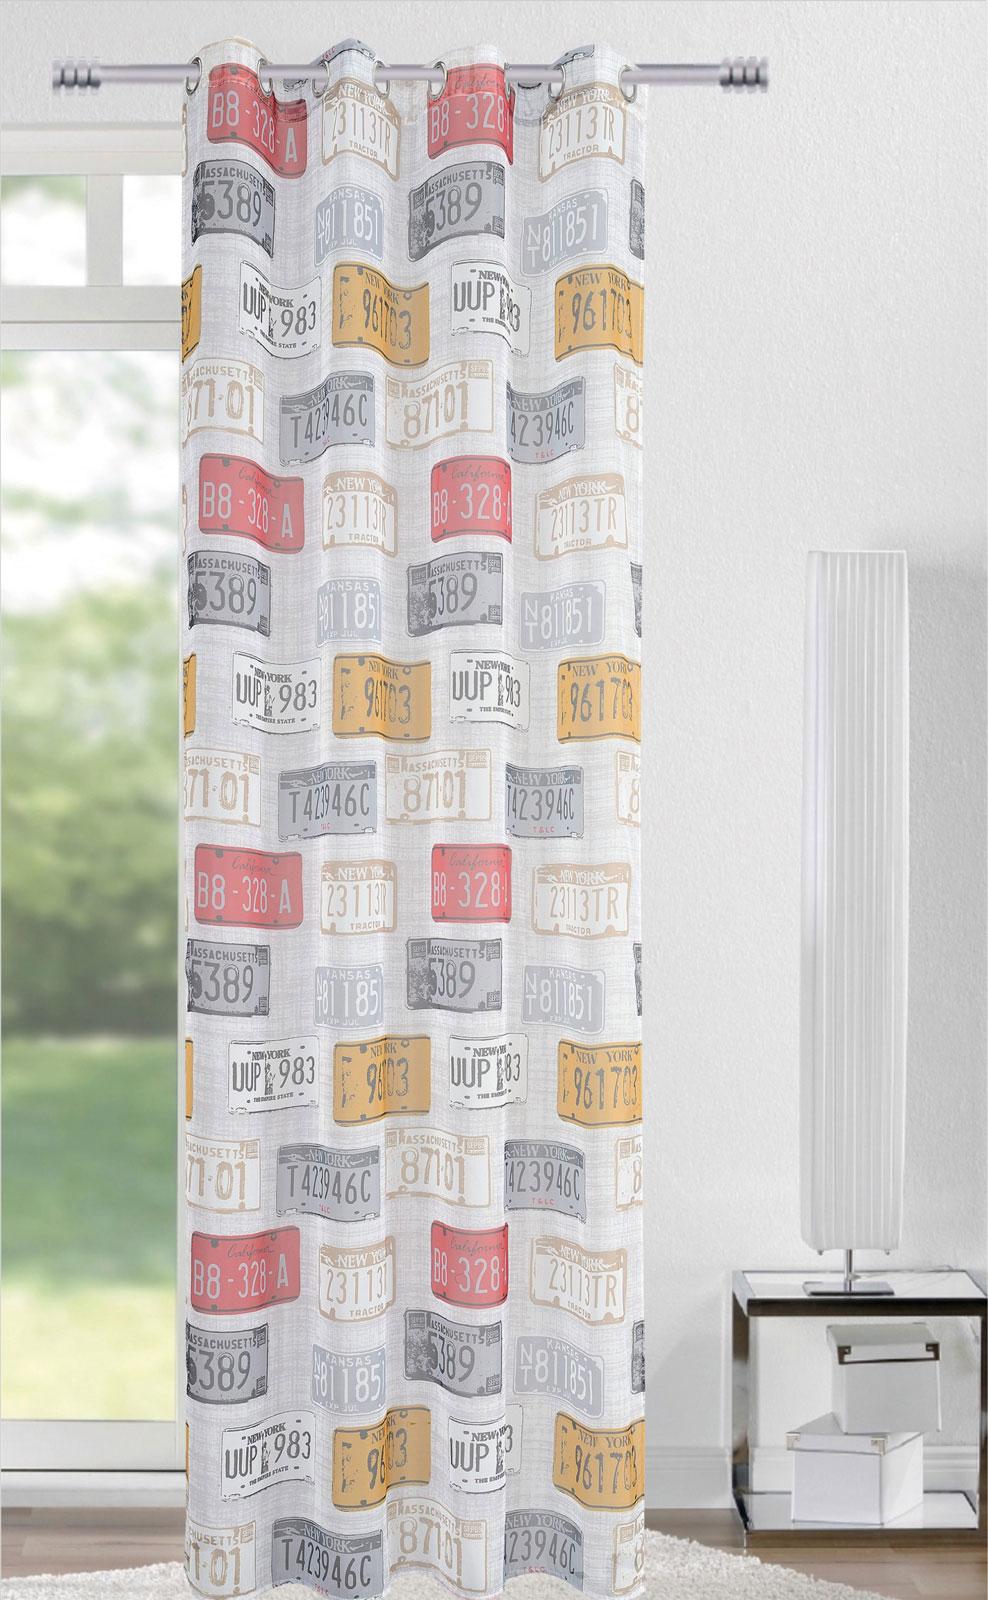 Gardinen und Vorhänge - Ösenschal Vorhang Gardine 140x245 mit rostfreien Metallösen Schilder 400295 4  - Onlineshop PremiumShop321